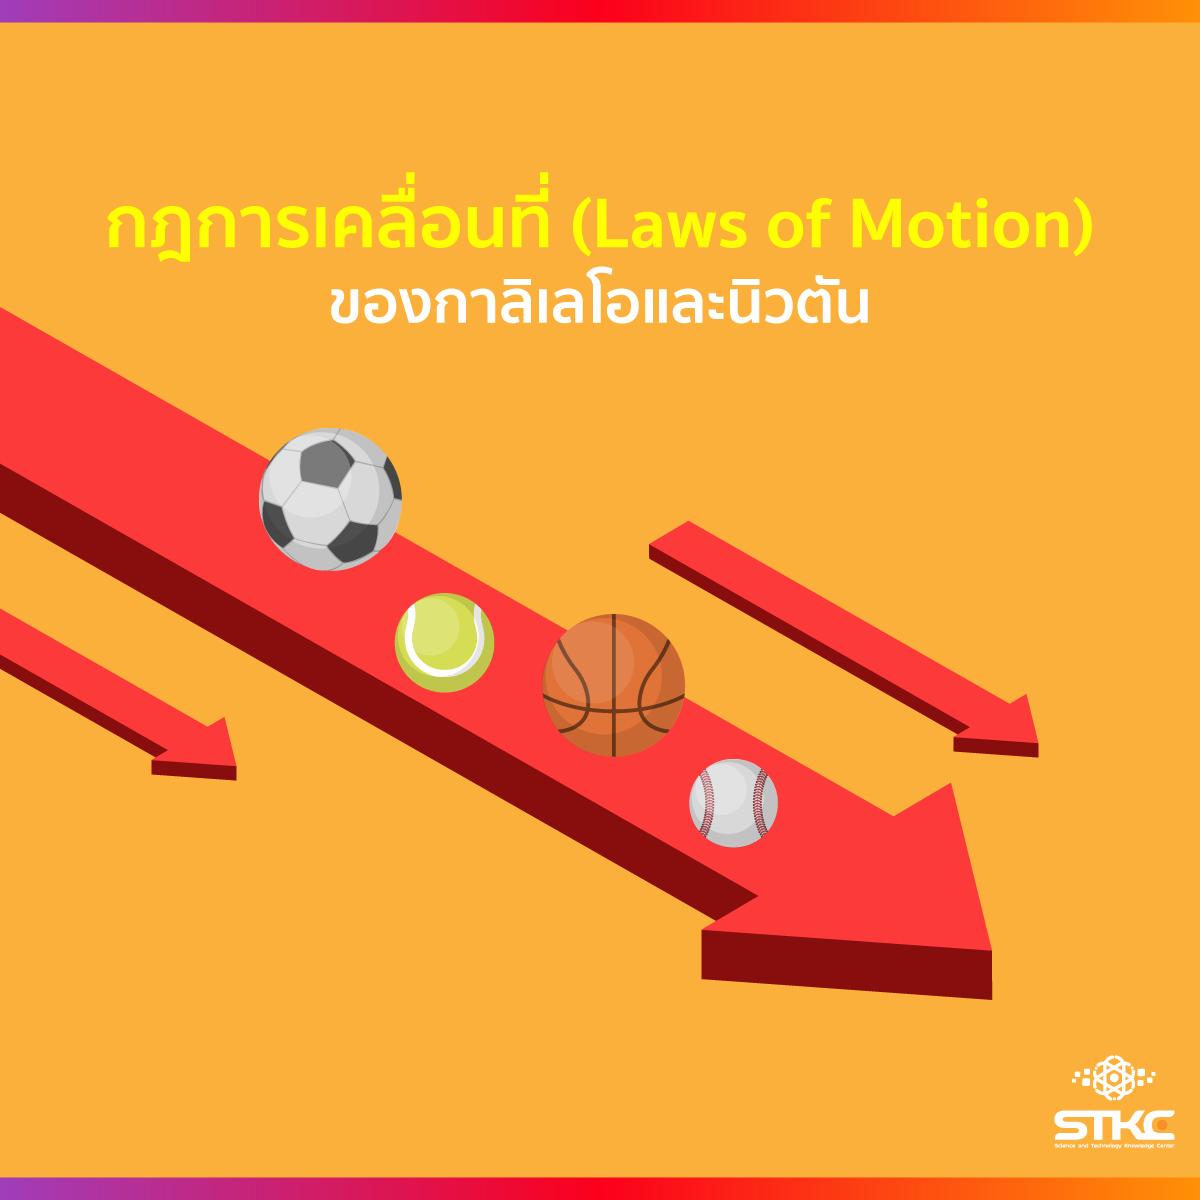 กฎการเคลื่อนที่ (Laws of Motion) ของกาลิเลโอและนิวตัน